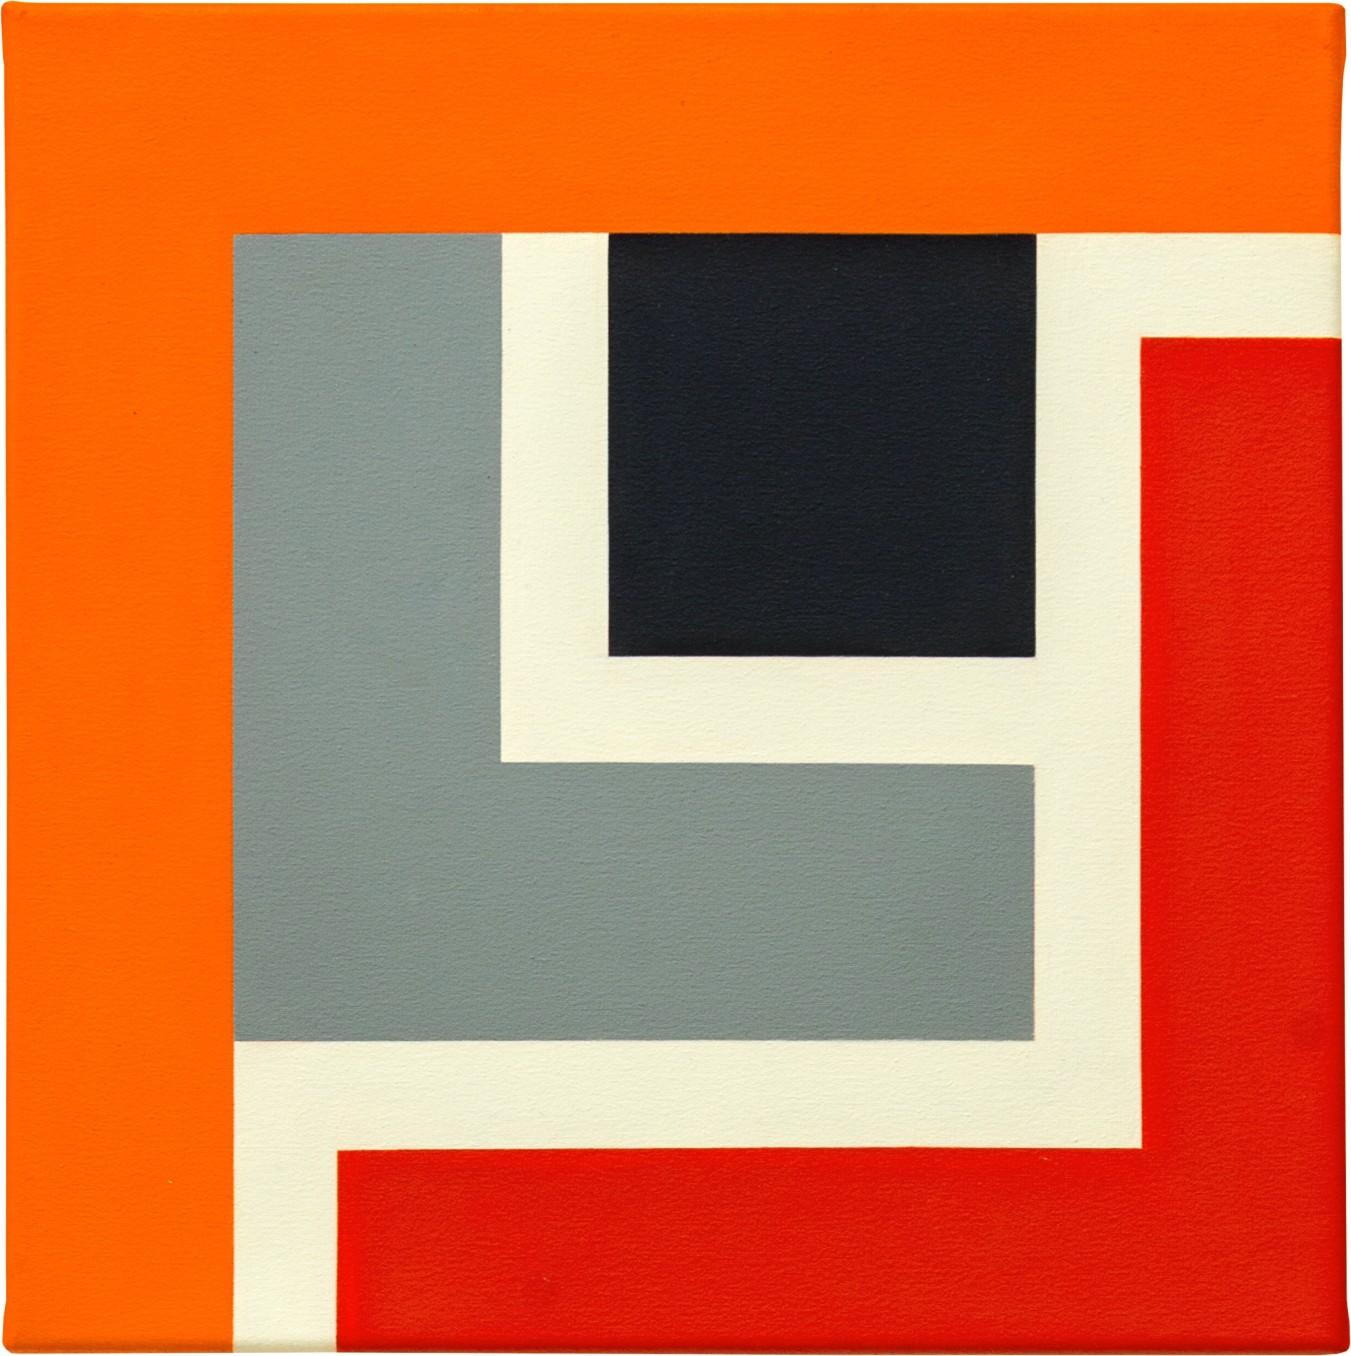 Mary Webb, UTAH XI, 2014, Oil on canvas, 45 x 45 cm, 17 3/4 x 17 3/4 in, Framed: 54.5 x 54.5 x 4 cm, 21 1/2 x 21 1/2 x 1 5/8 in